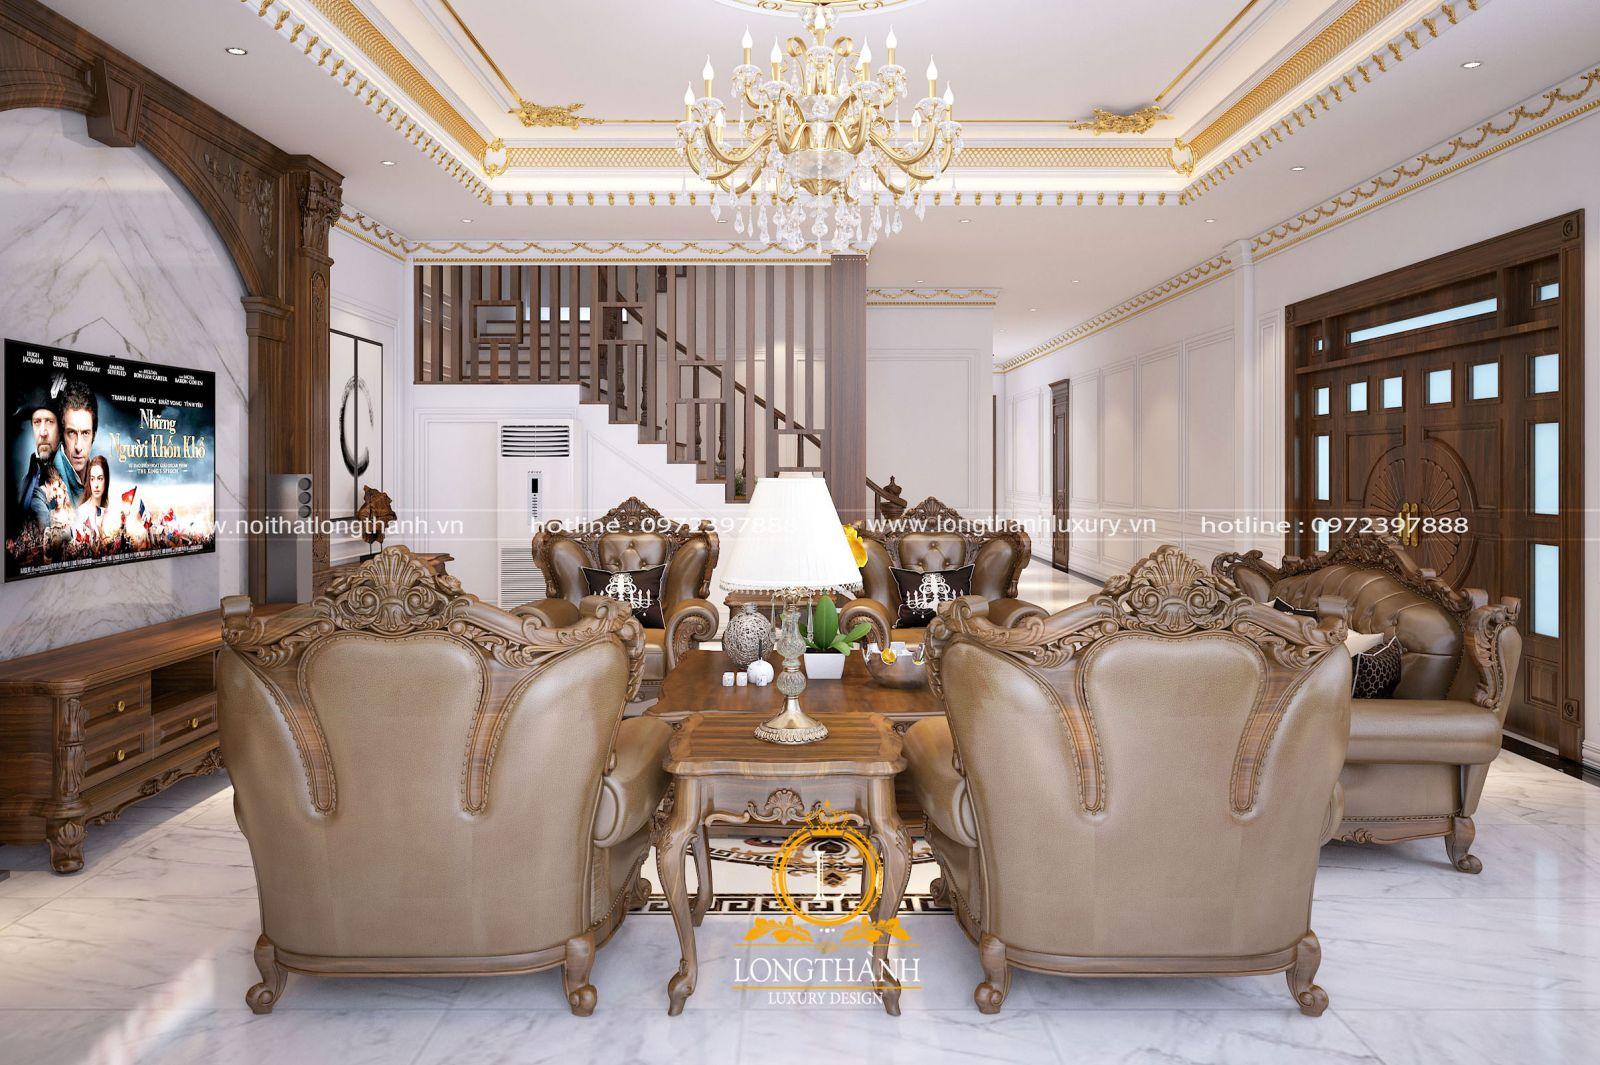 Thiết kế nội thất không gian phòng khách nhà biệt thự